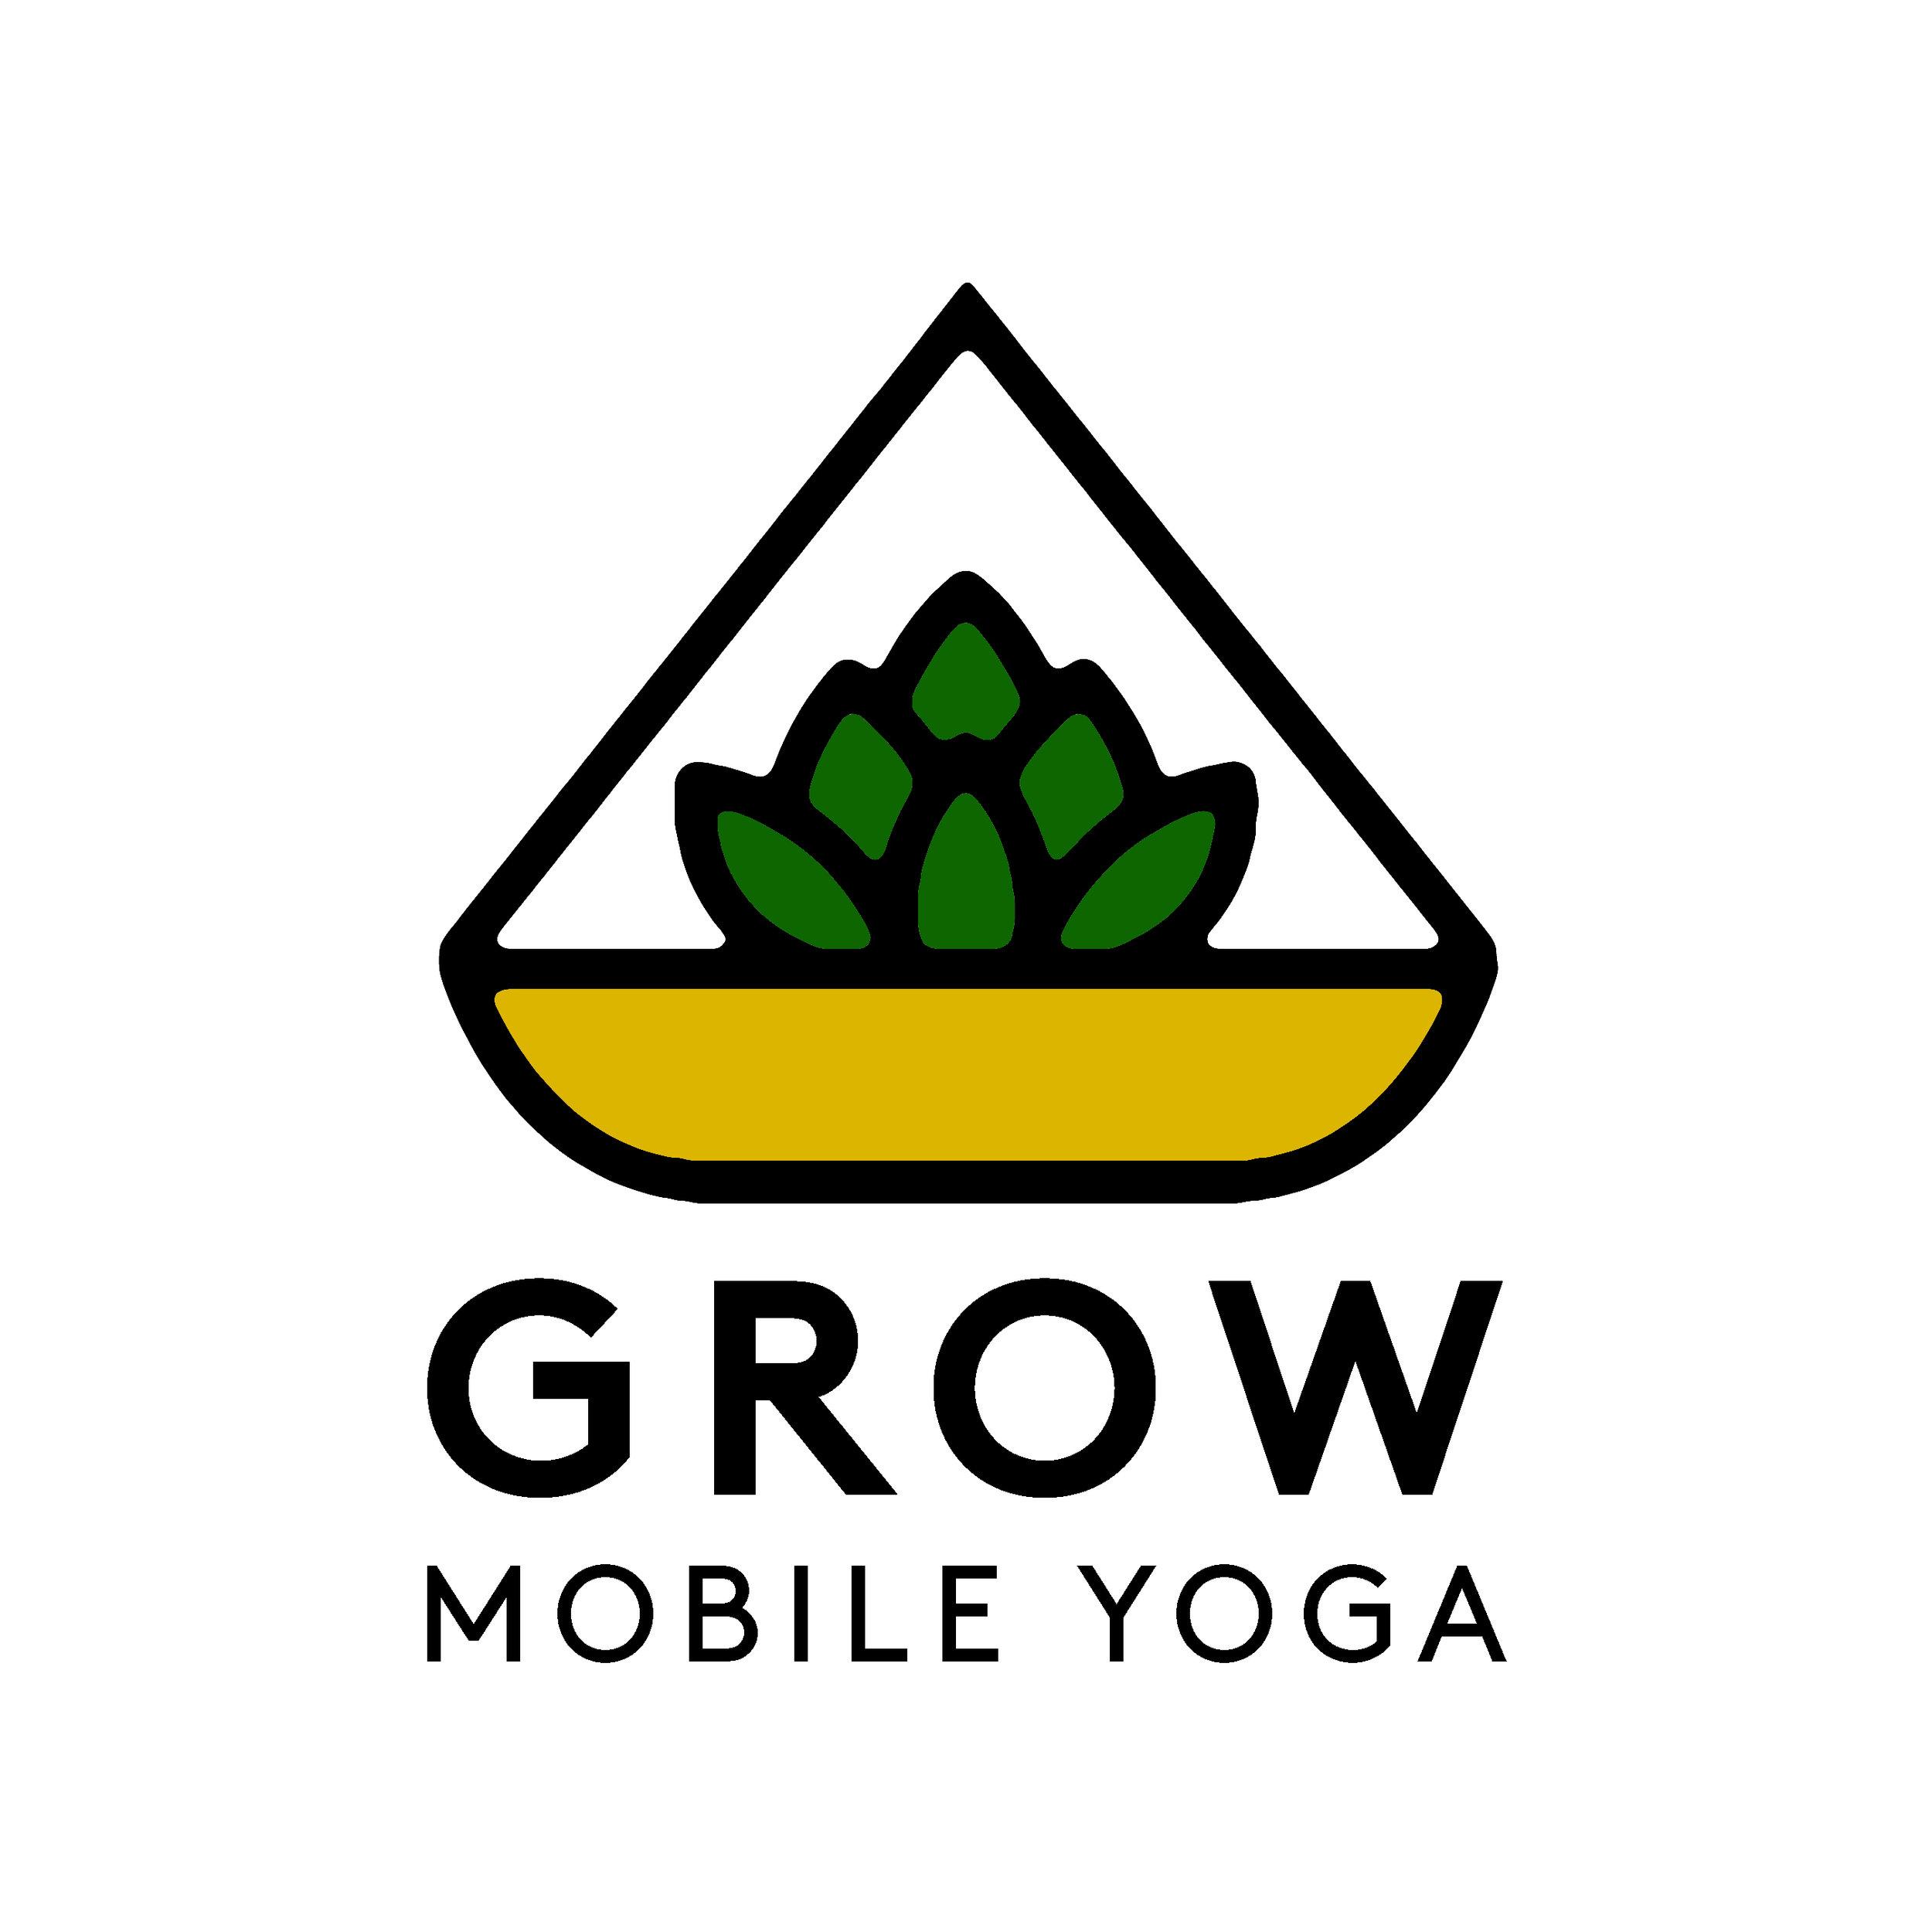 GROW MOBILE YOGA LOGO COLOR.jpg